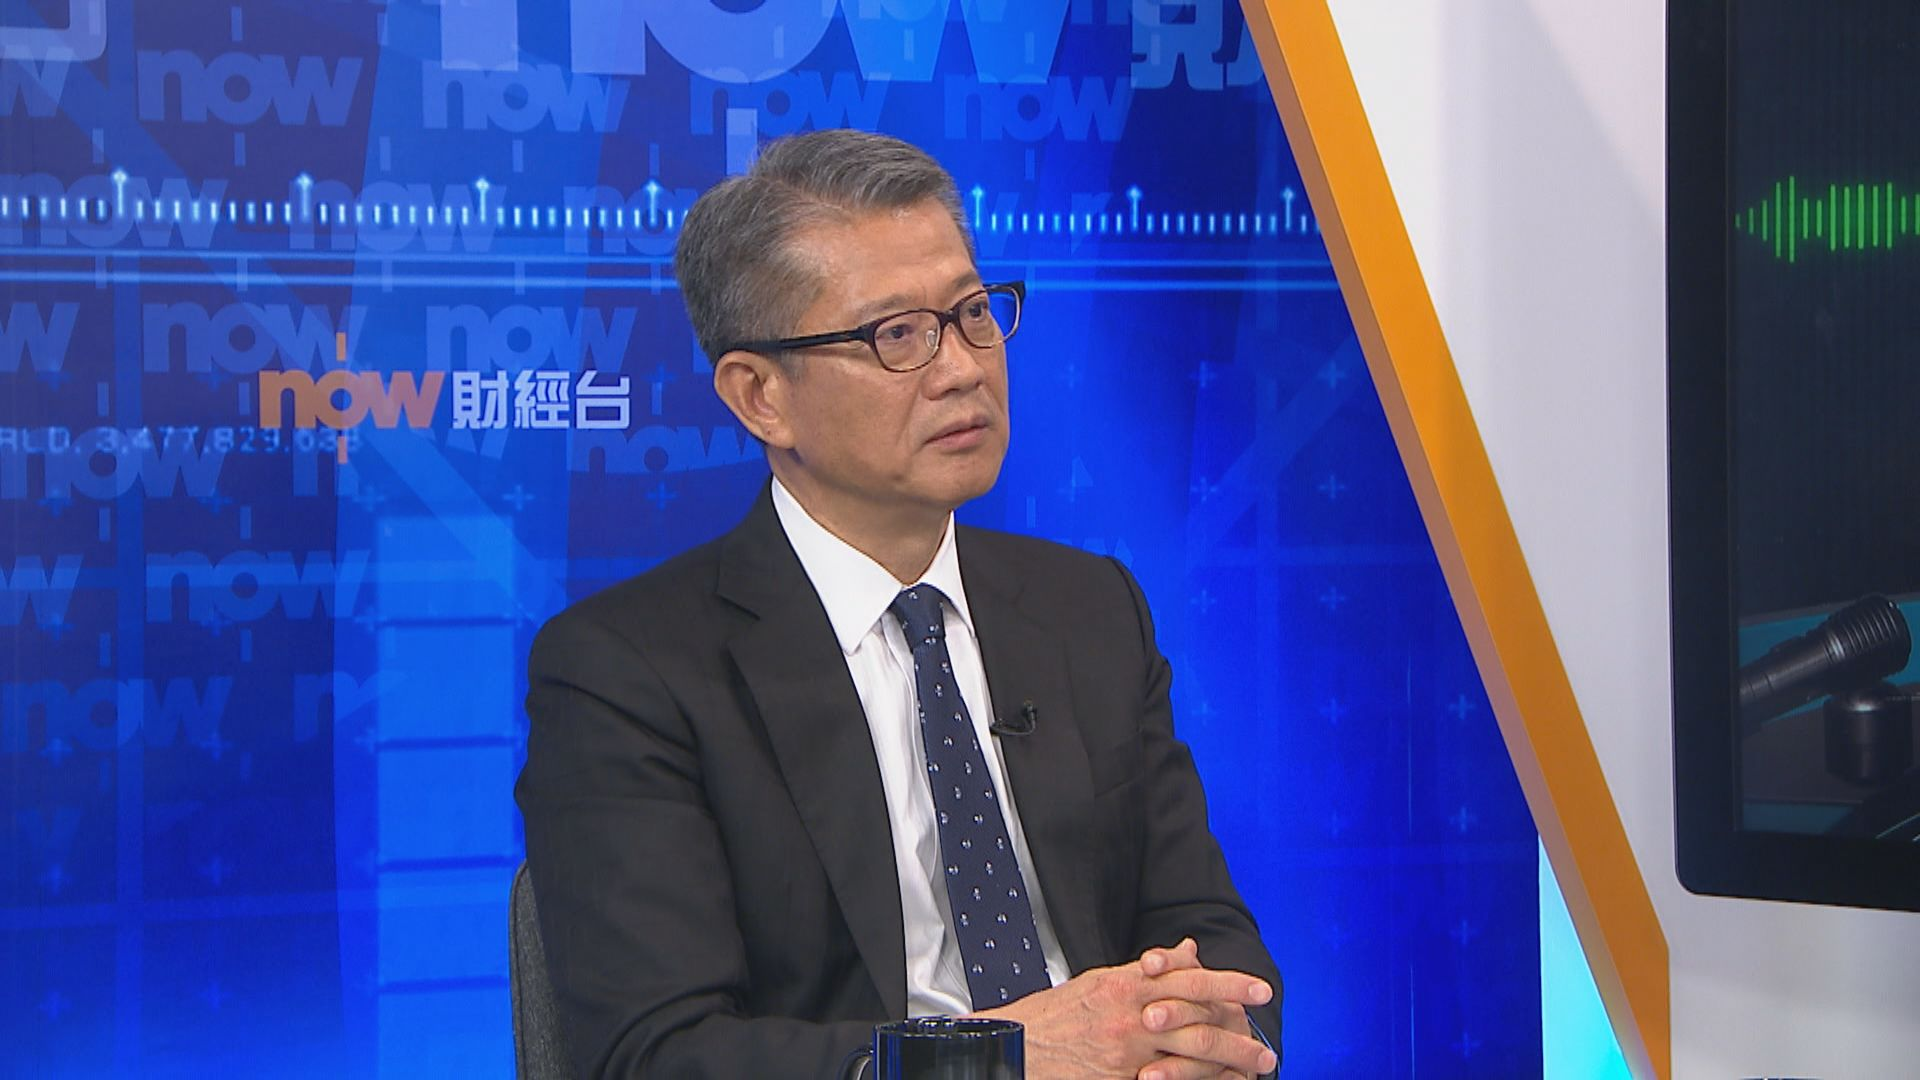 陳茂波擔心經濟逆轉較以前更難復元